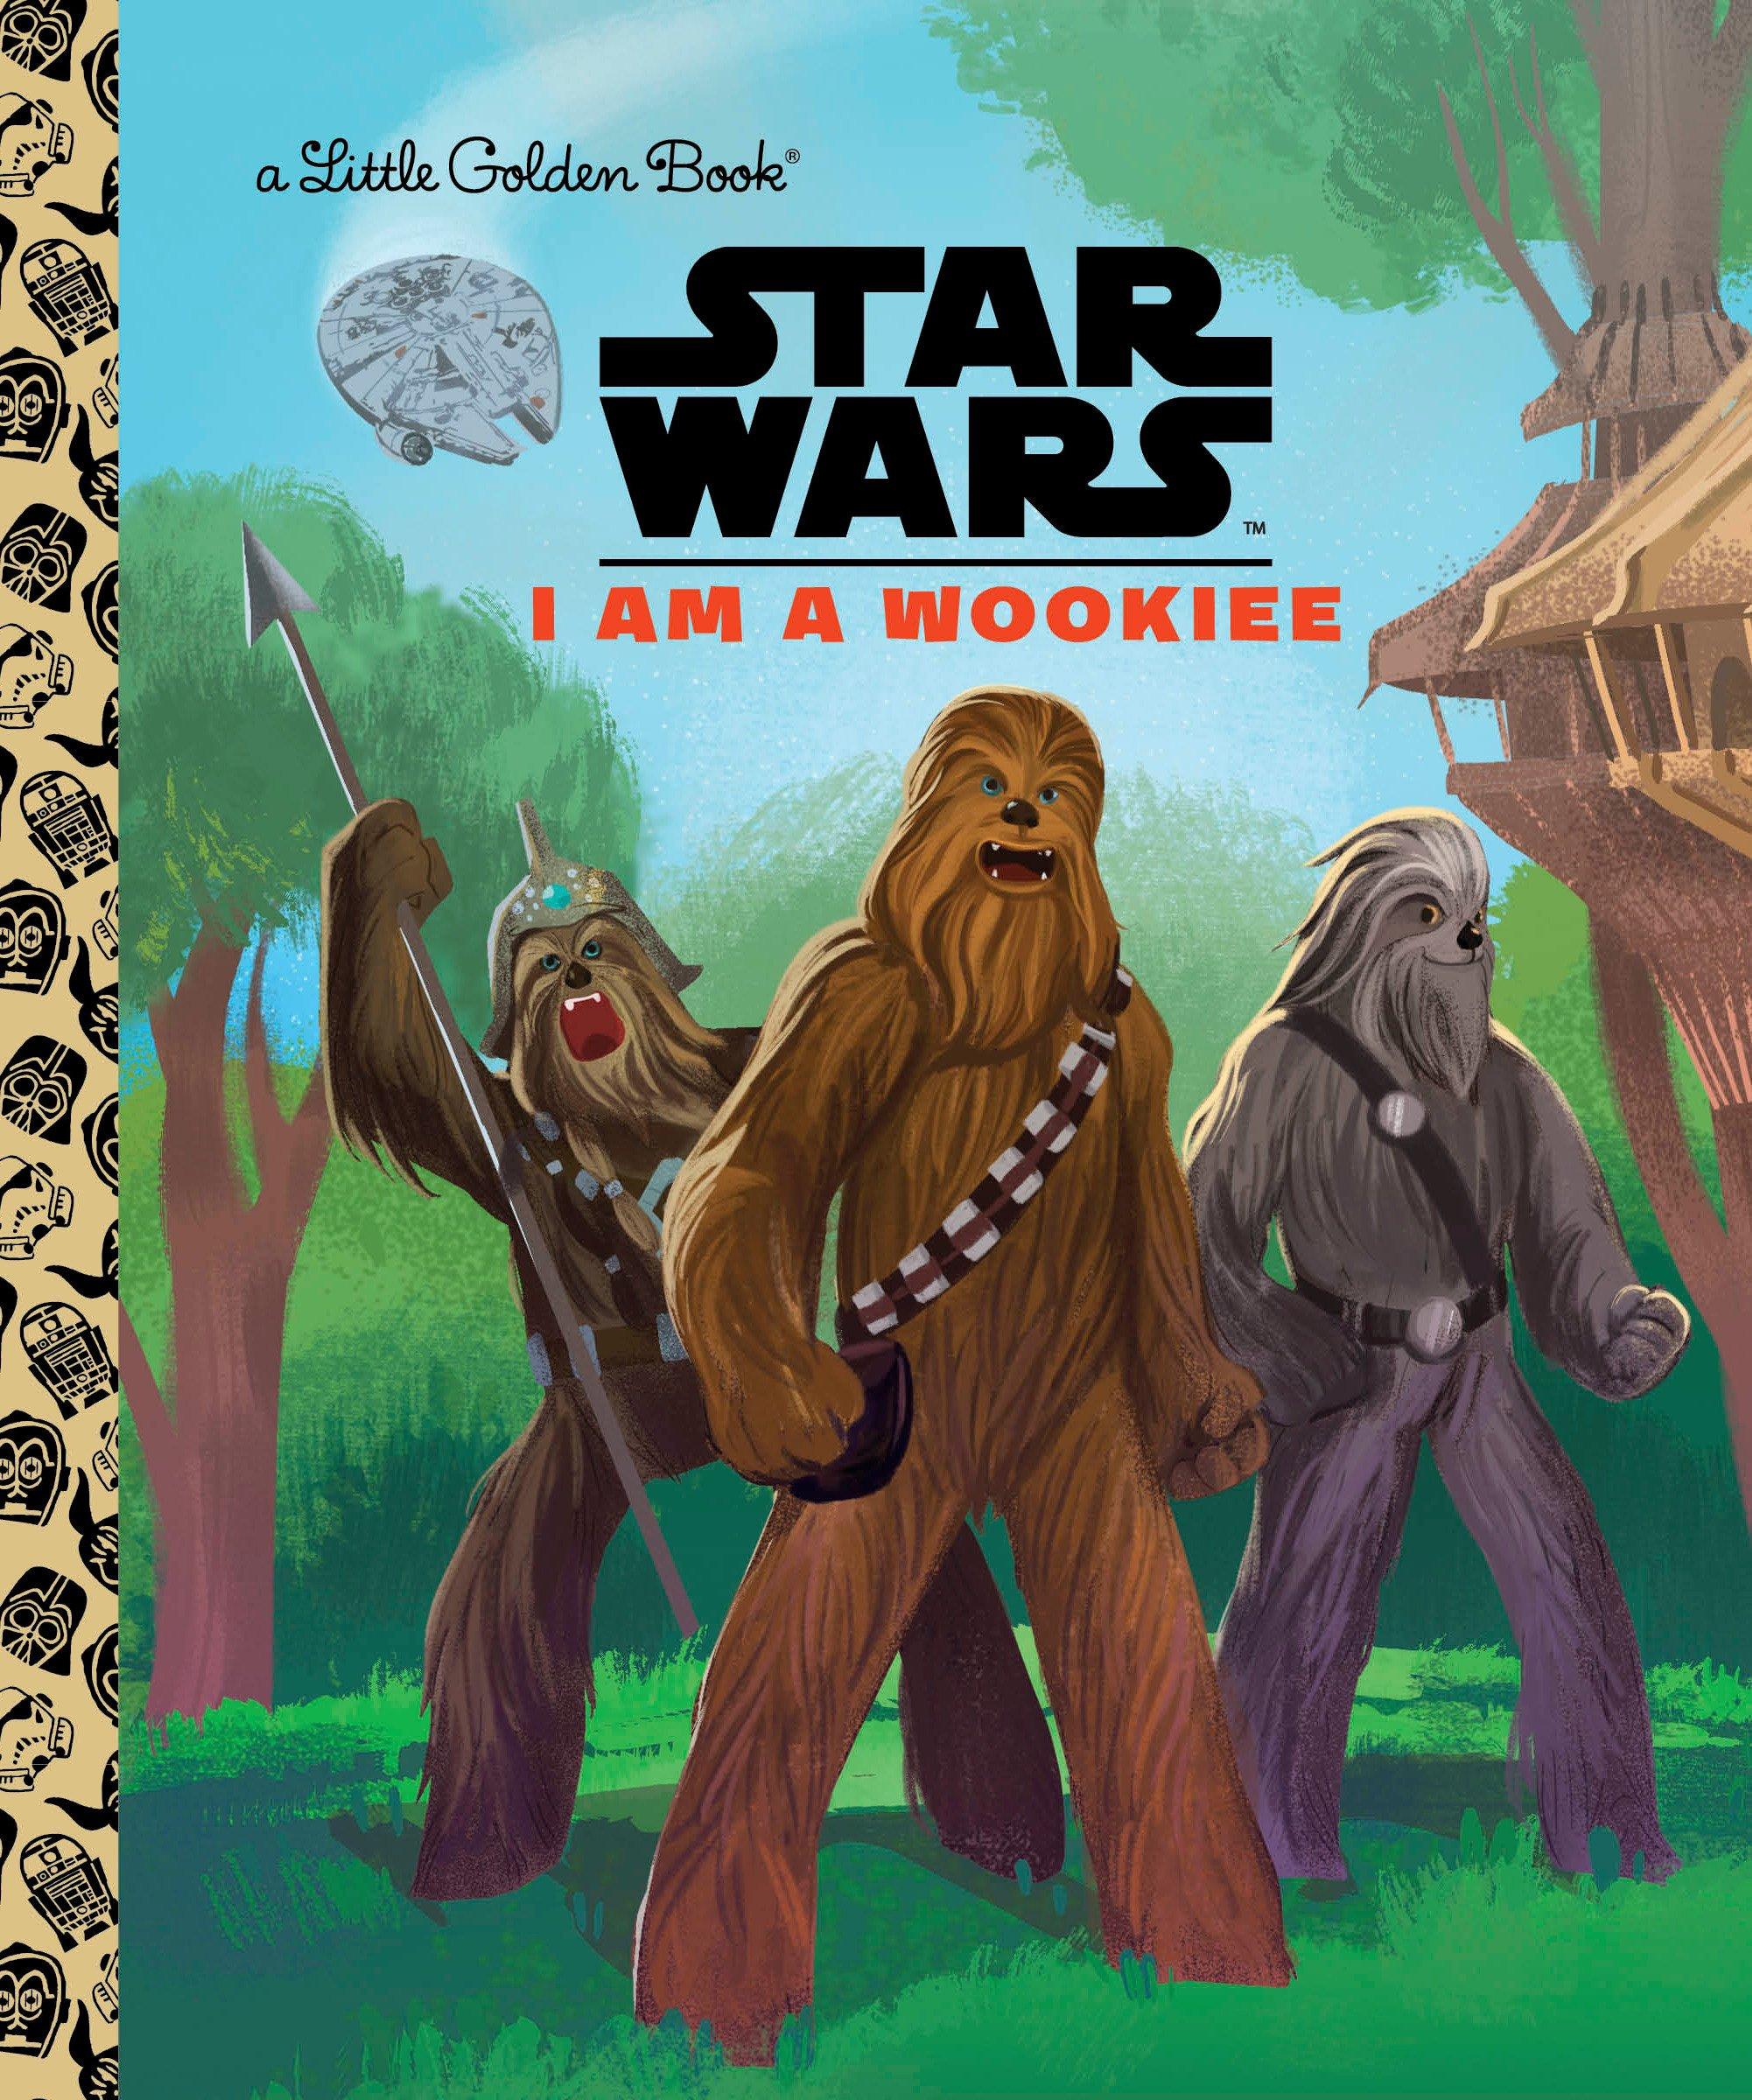 I Am a Wookiee (Star Wars) (Little Golden Book): Golden Books:  9780736437967: Amazon.com: Books